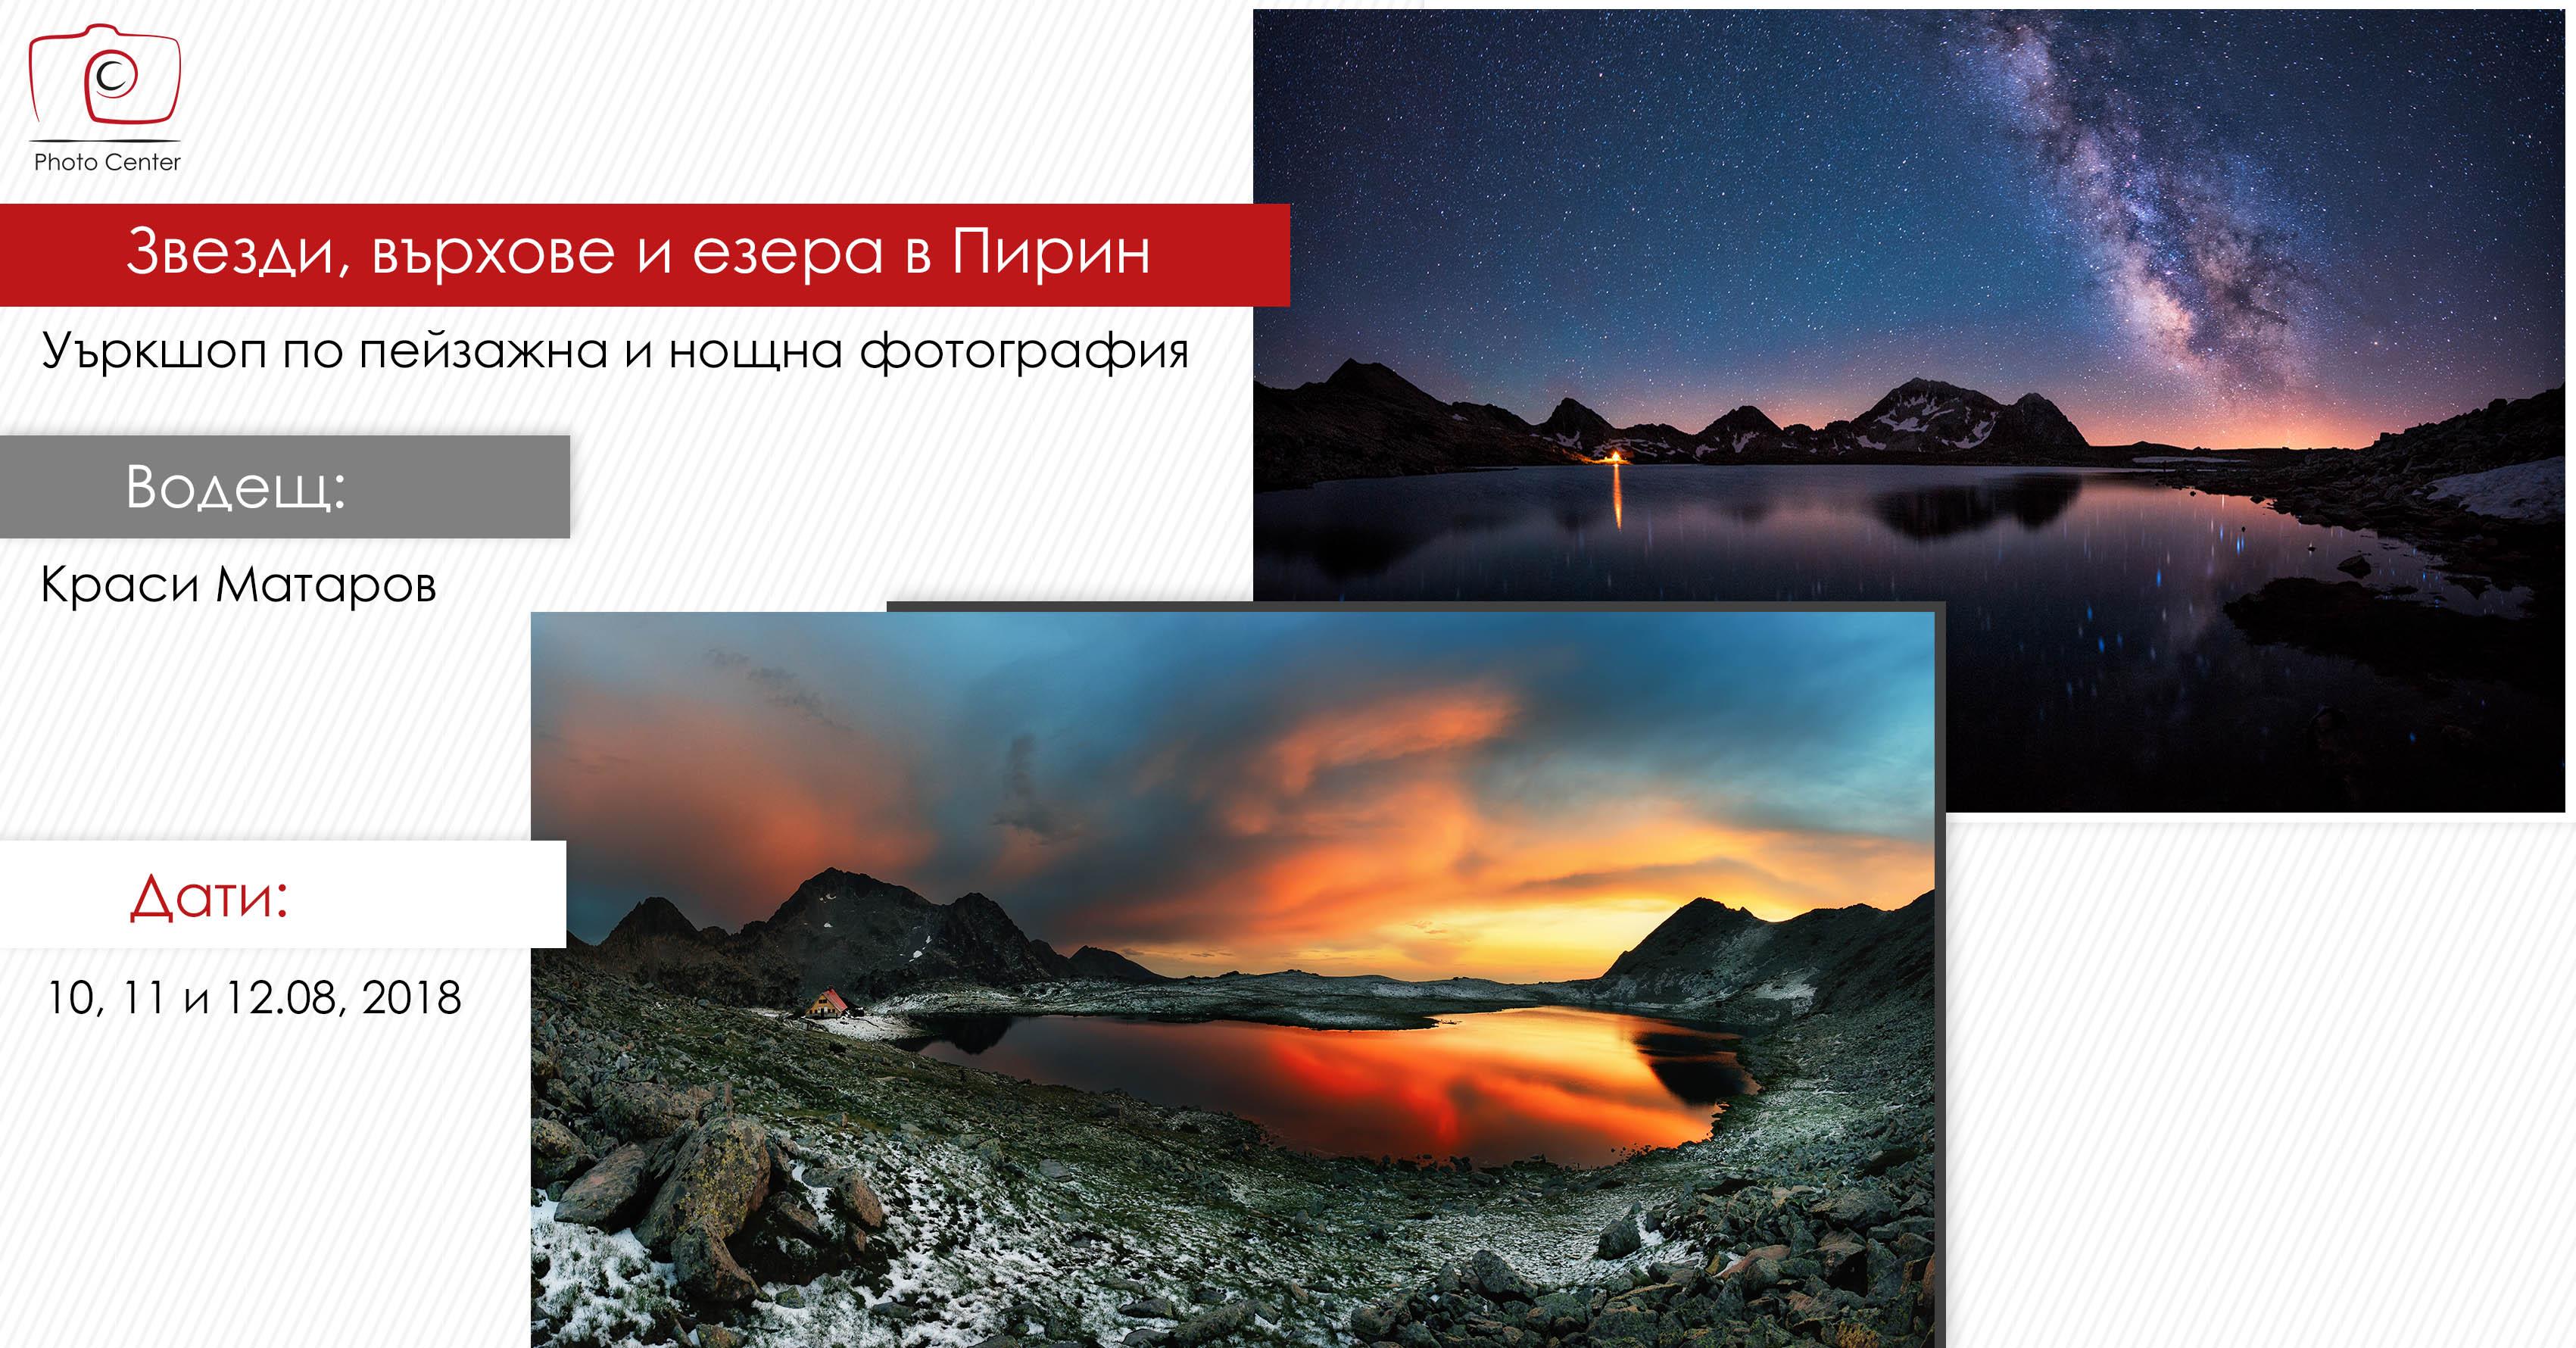 пейзажна и нощна фотография